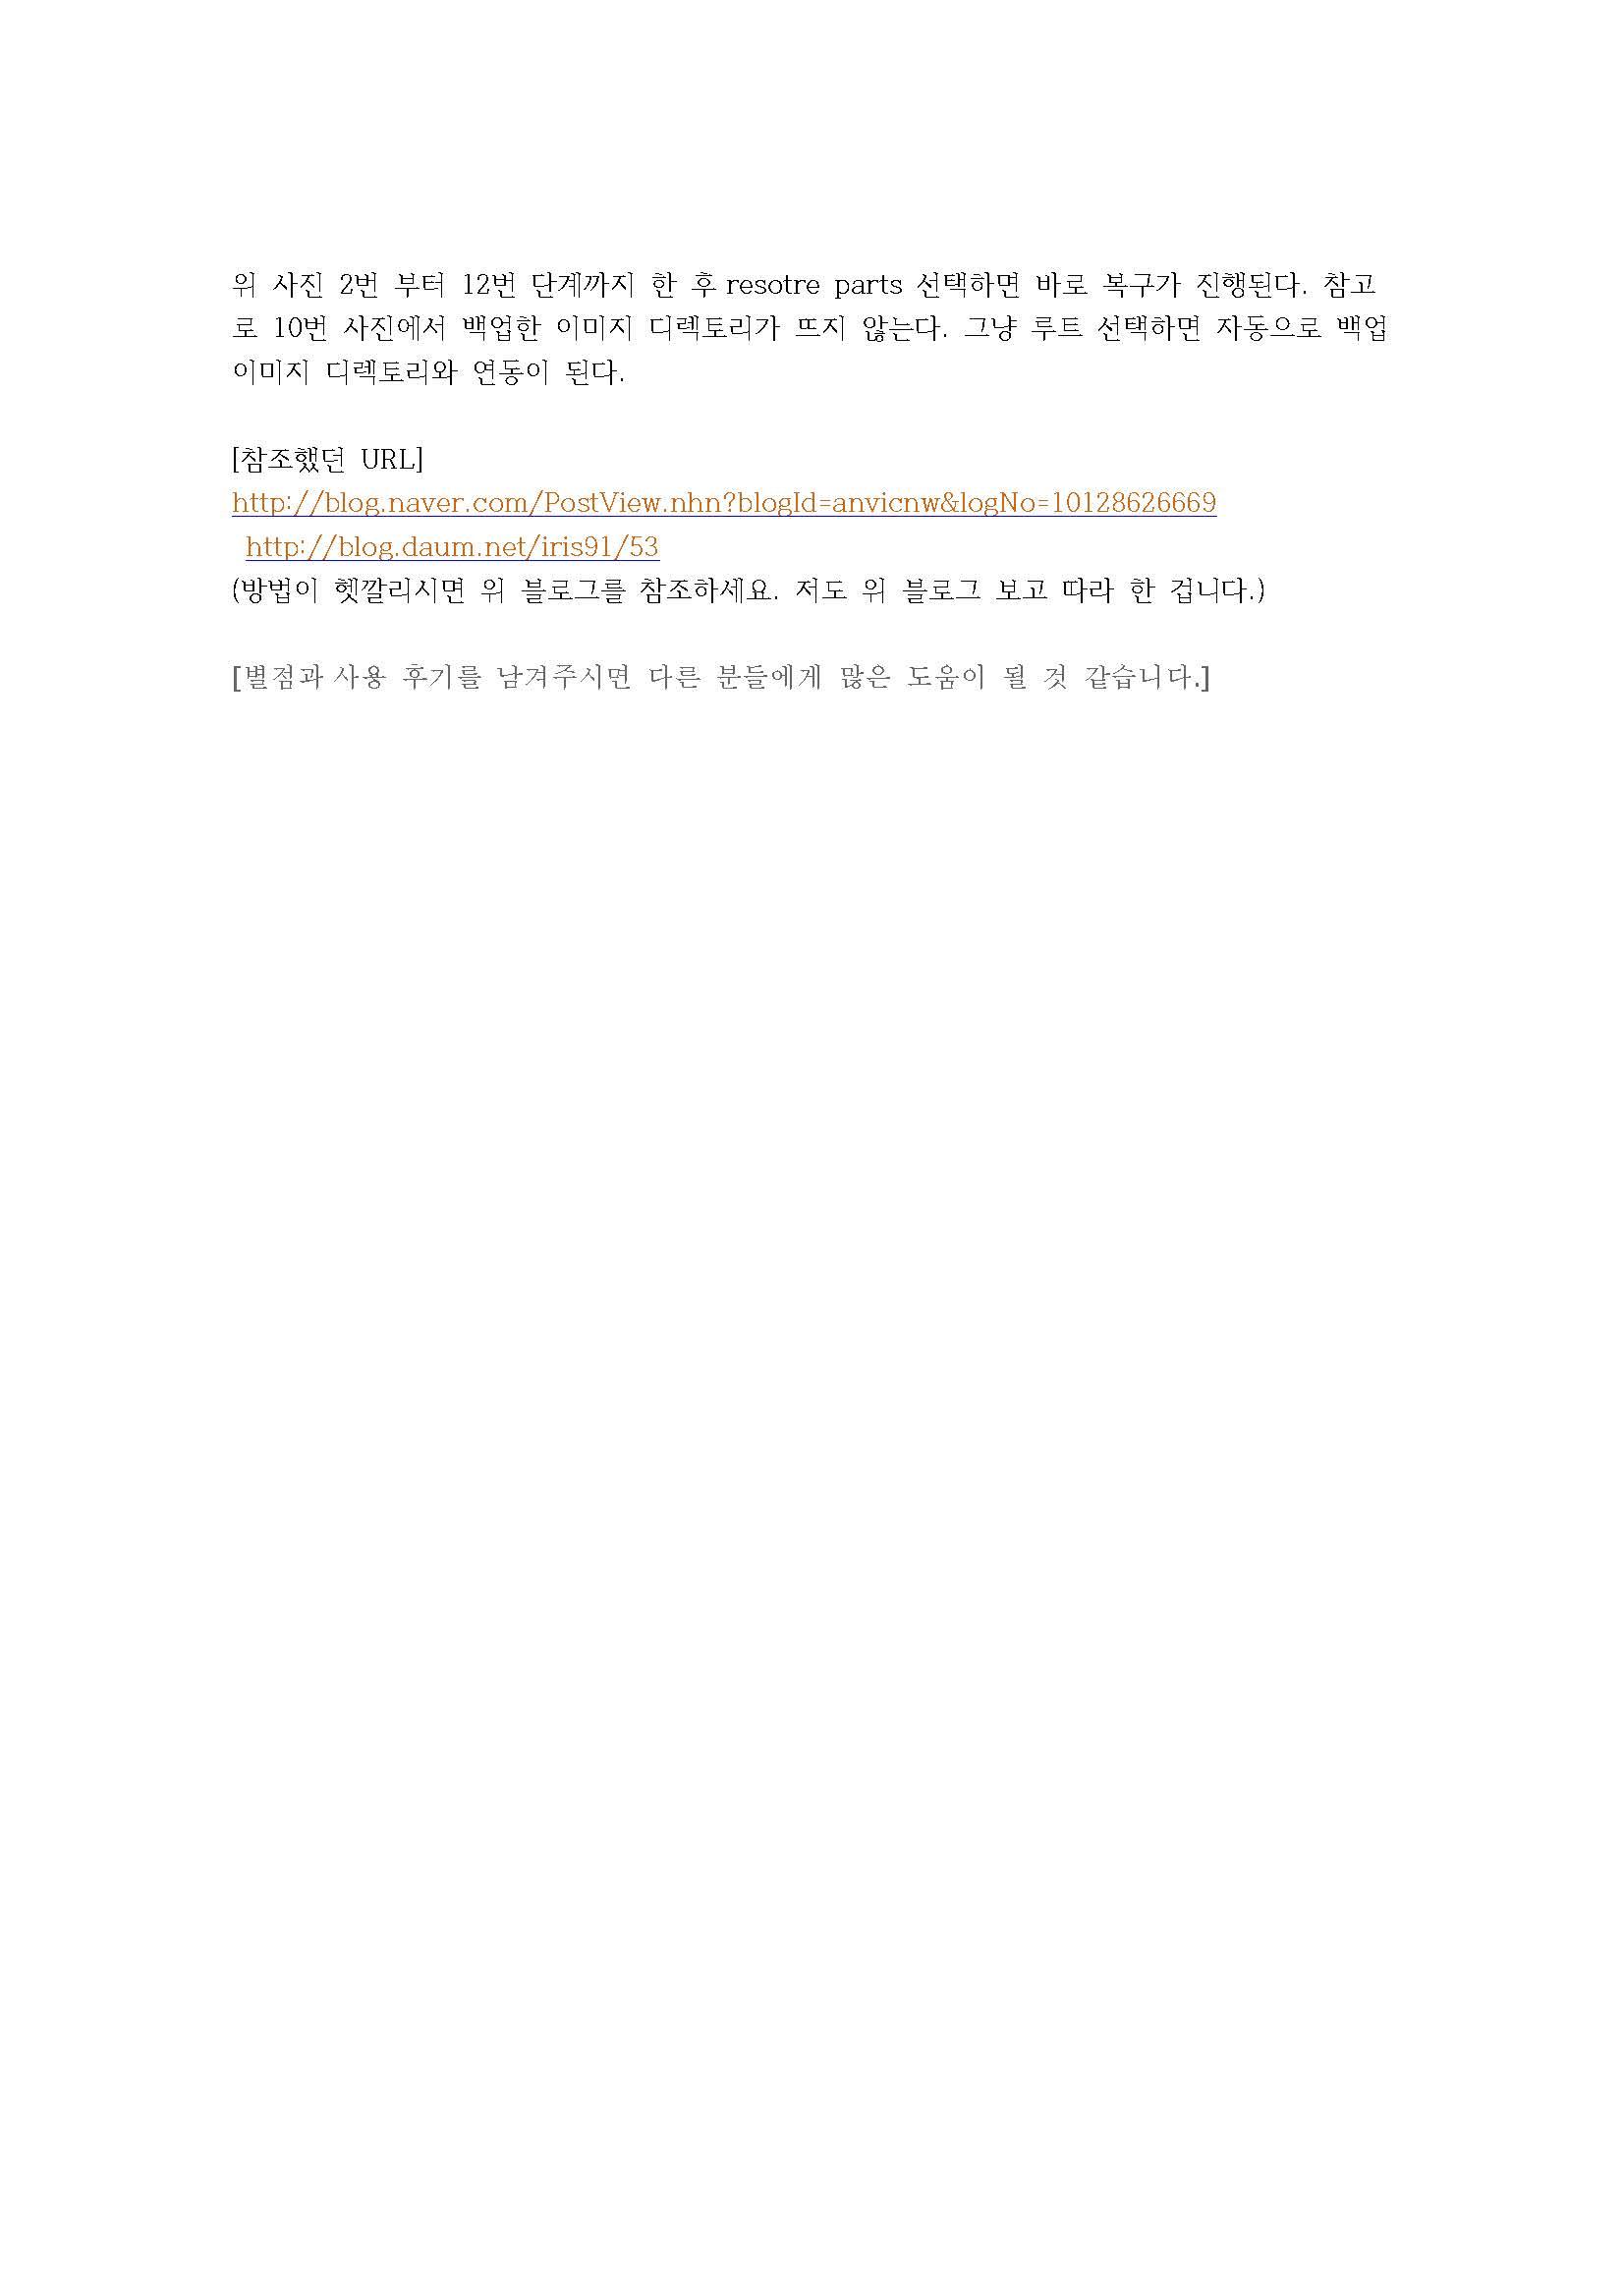 클론질라_하드 백업 및 복구_Page_11.jpg